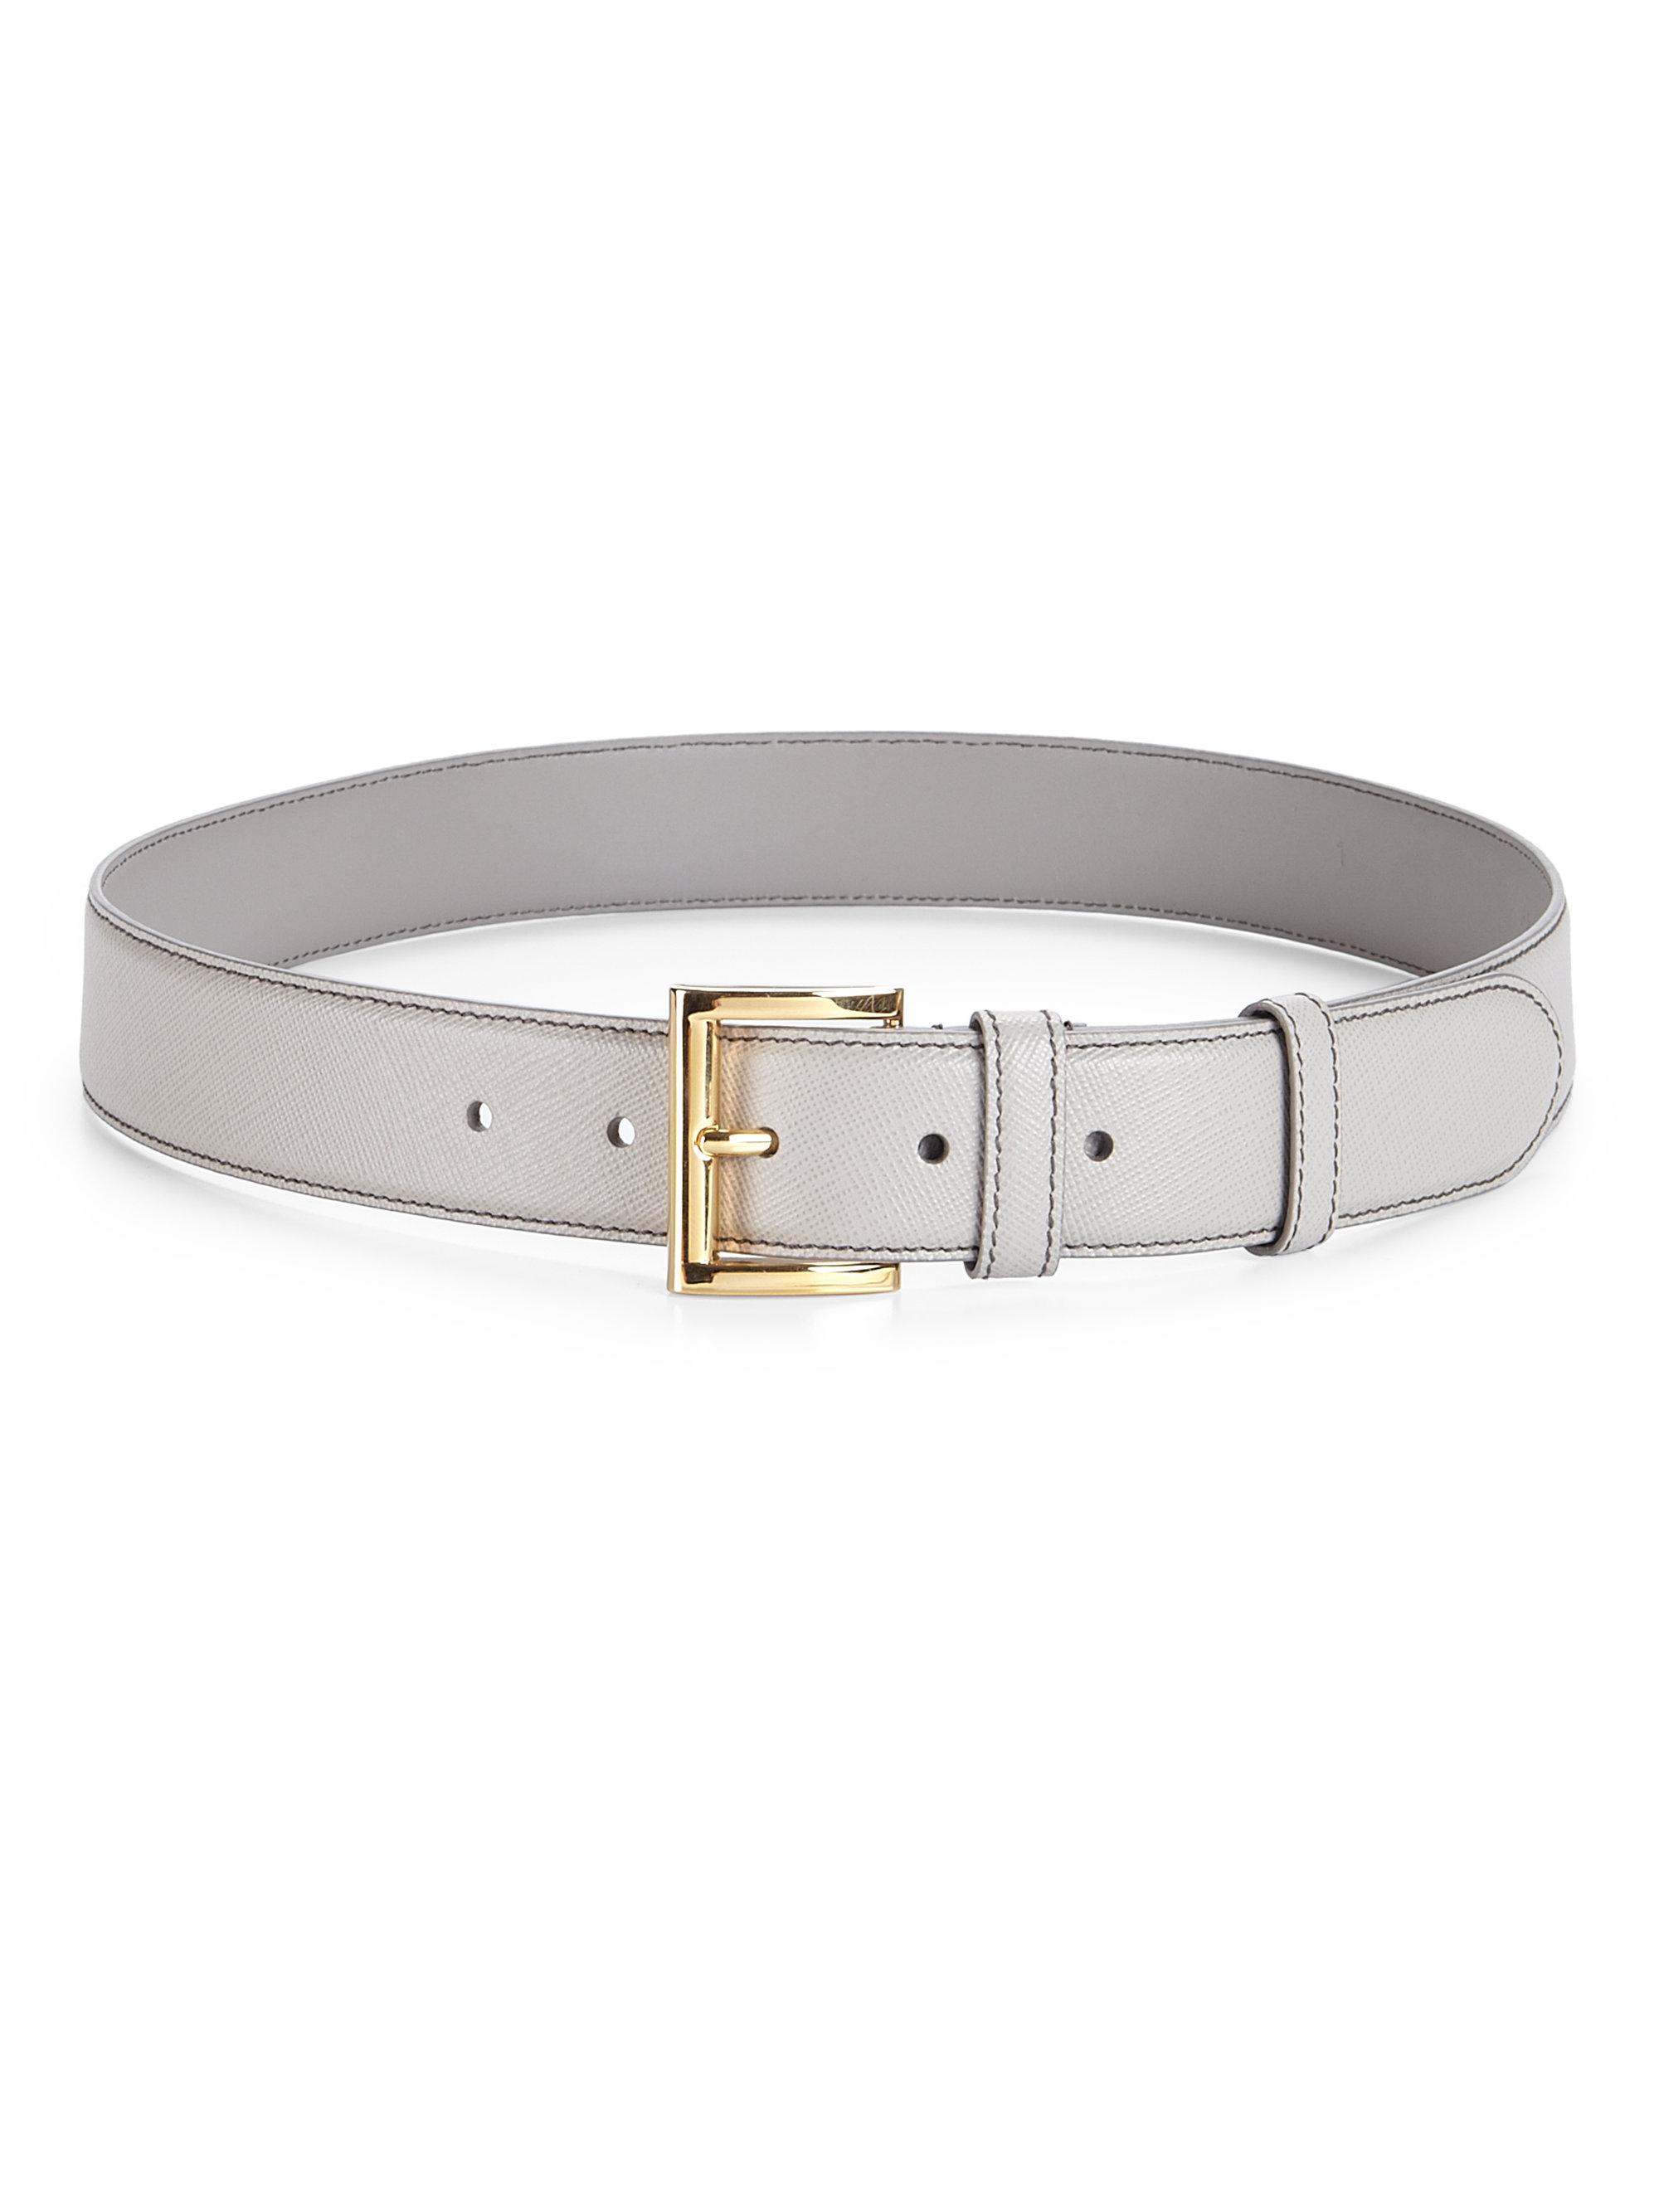 Prada Saffiano Leather Belt In Natural